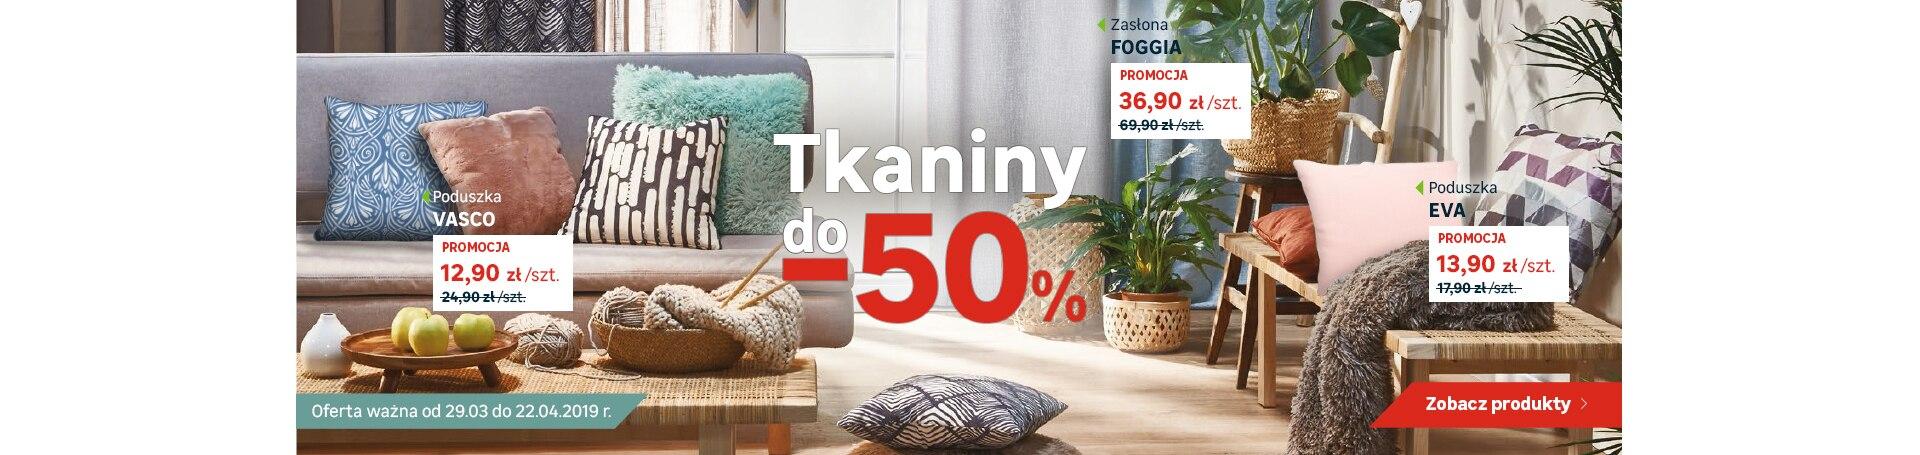 rr-tkaniny-50-17-22.04.2019-1323x455